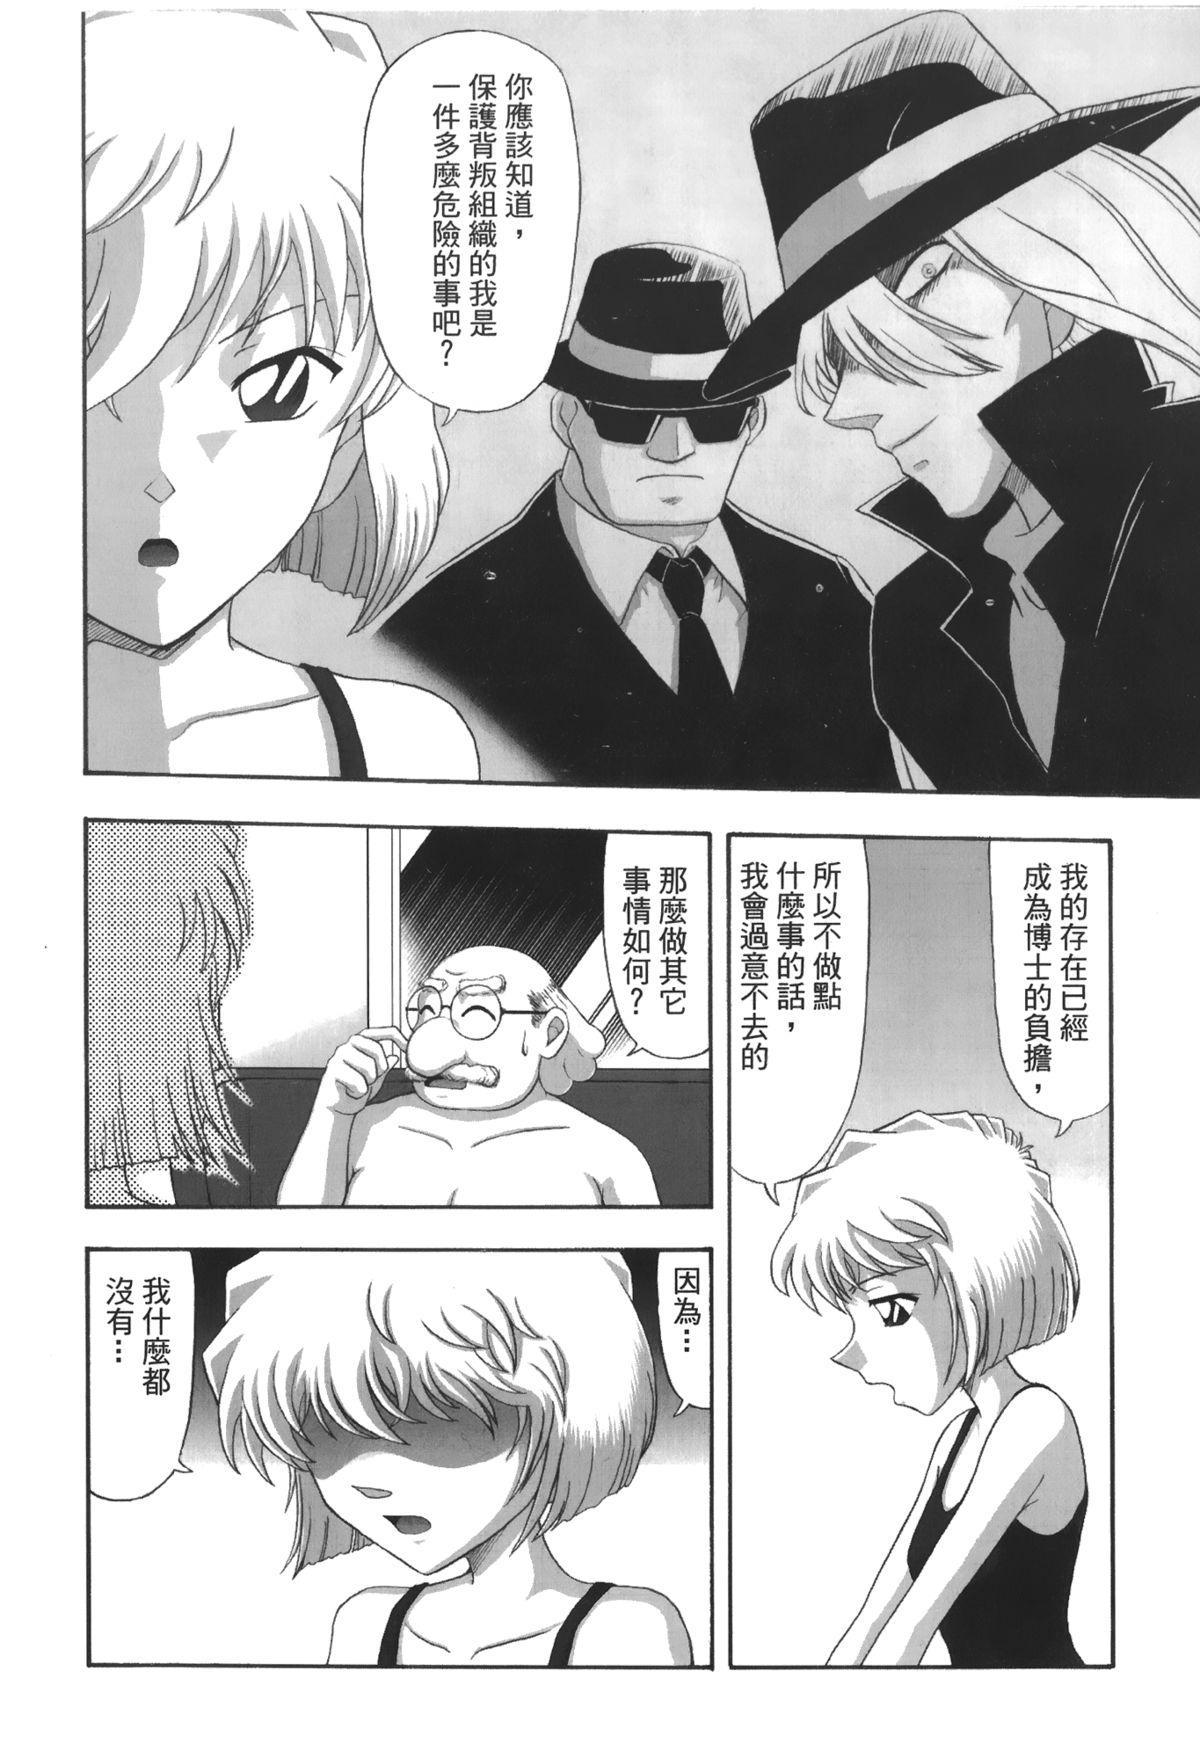 Detective Assistant Vol. 13 52